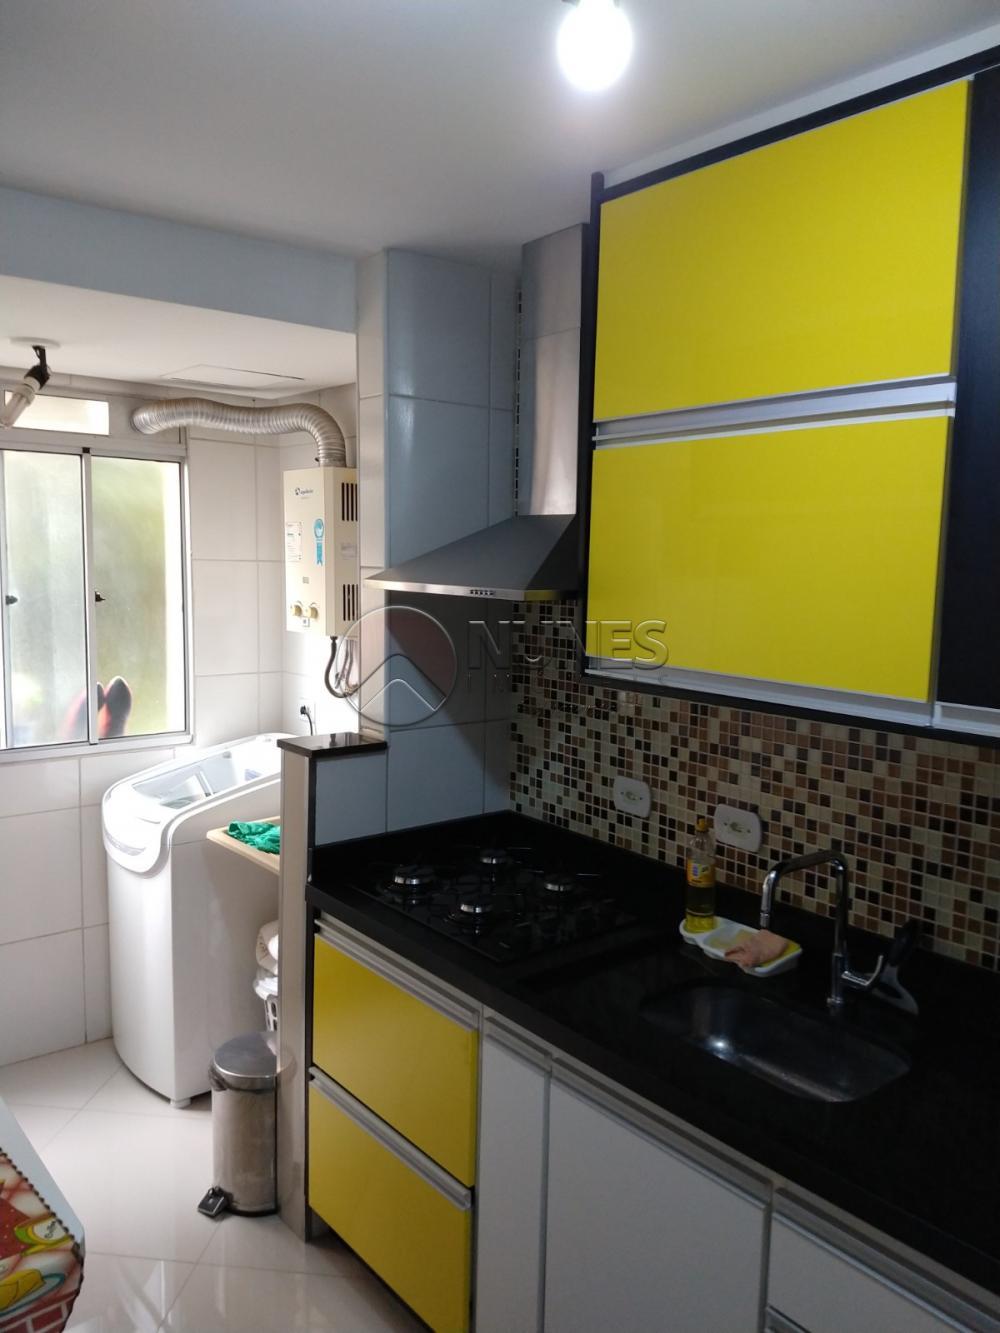 Comprar Apartamento / Padrão em Osasco apenas R$ 190.000,00 - Foto 7